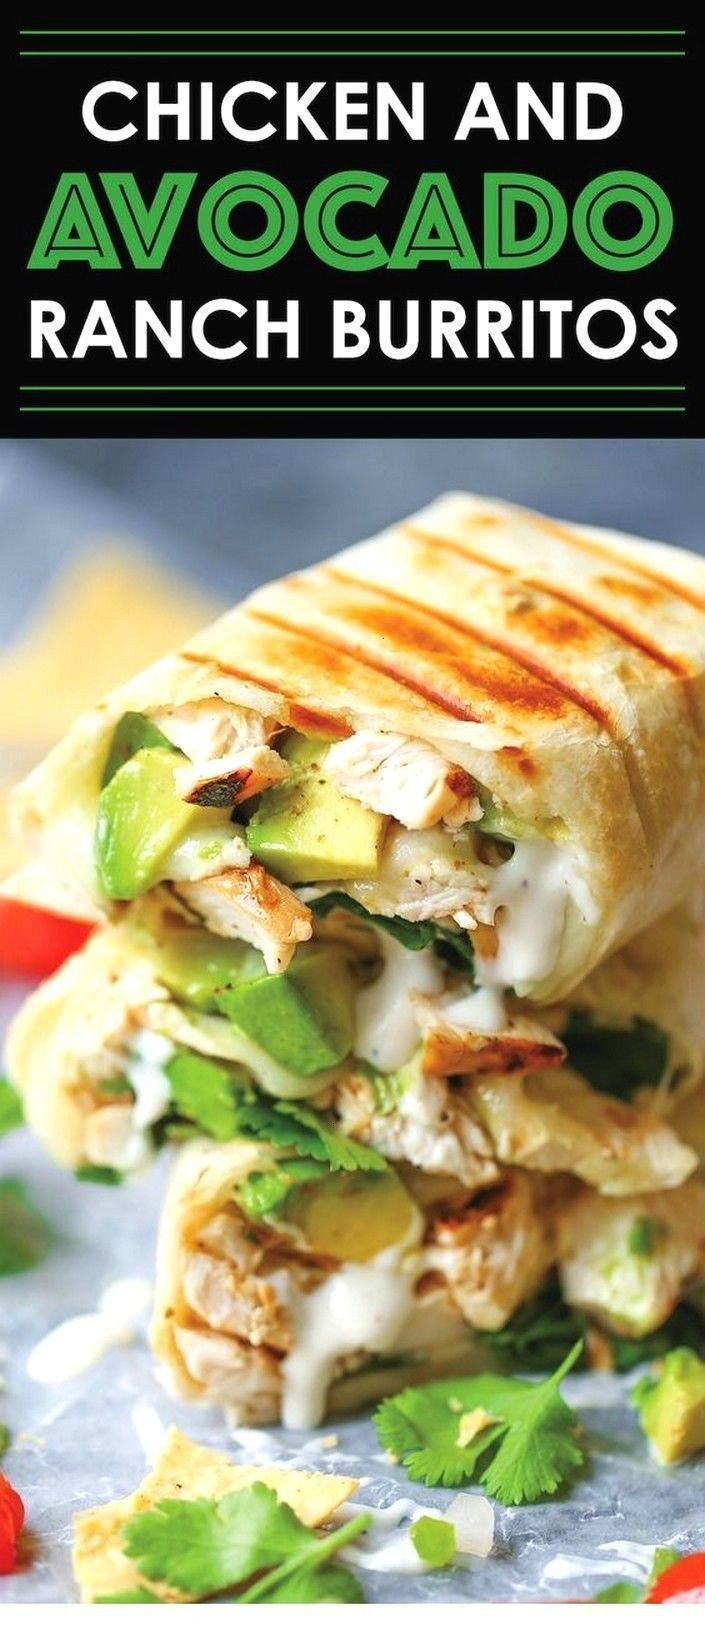 And Avocado Ranch Burritos | Avocado Recipes - Dinner - - Chicken And Avocado Ranch Burritos | Avoc